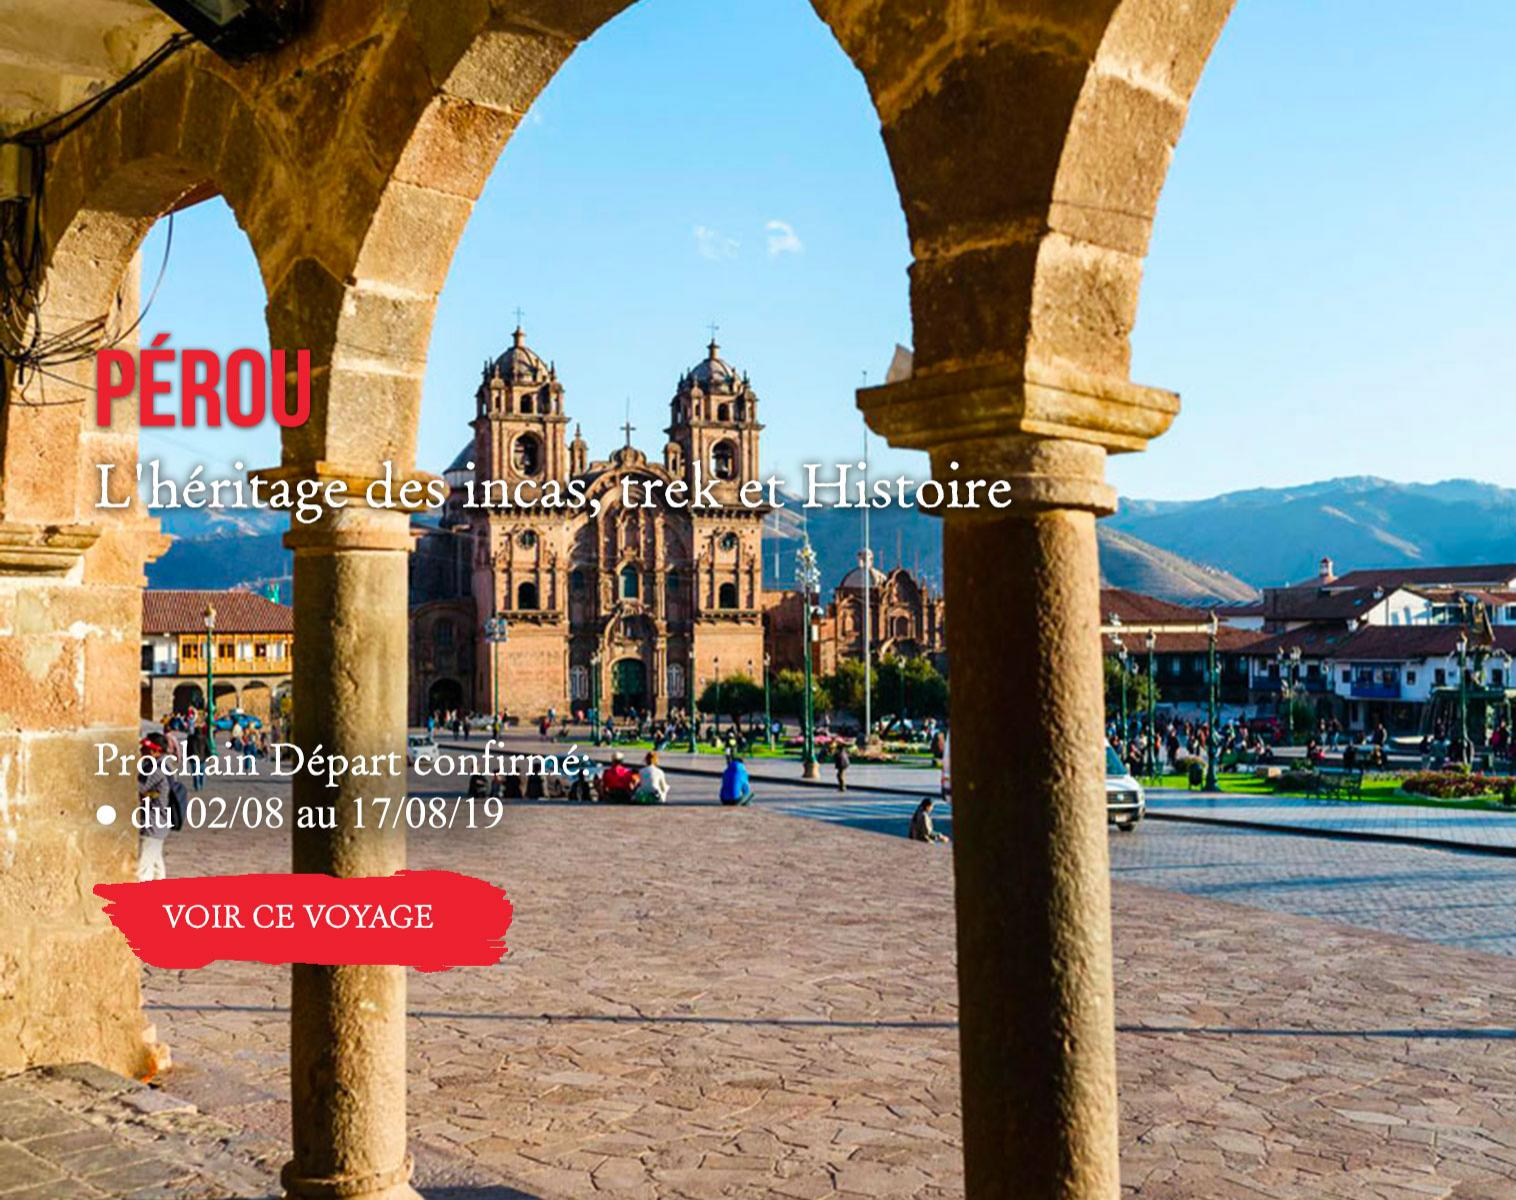 PÉROU, l'héritage des Incas